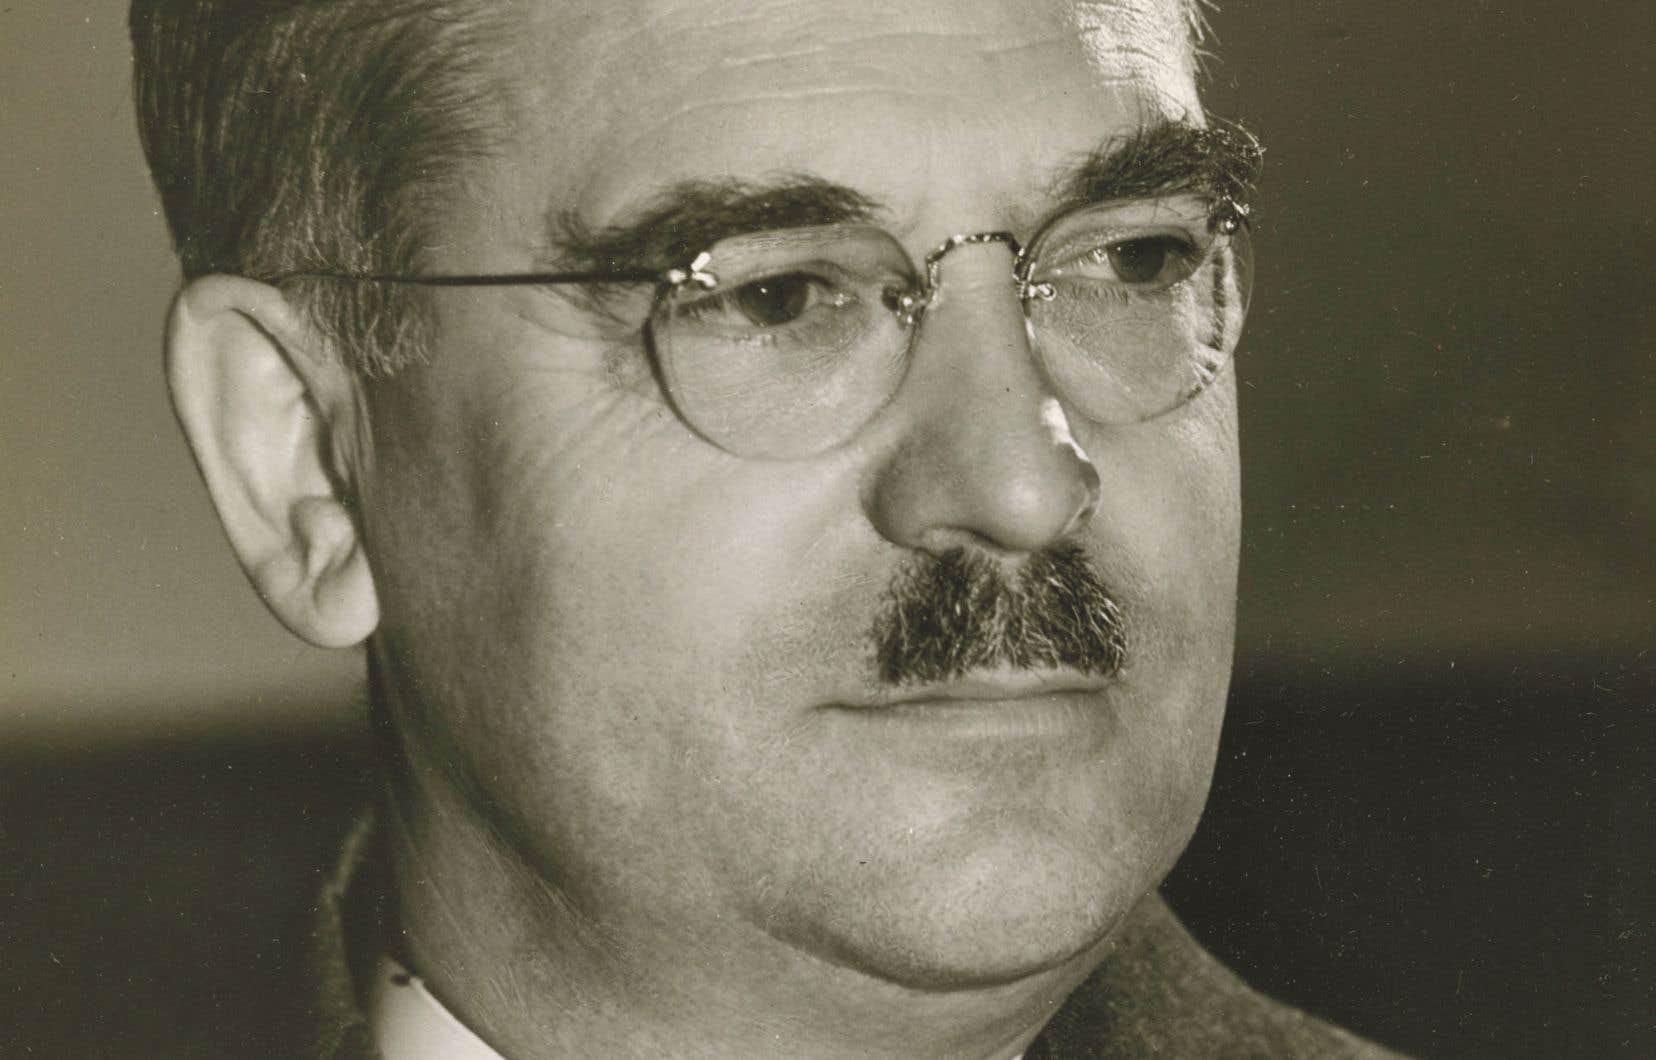 Né à Montréal, Augustin Frigon (1888-1952), ingénieur en électricité, sera le premier Canadien français à obtenir un doctorat en sciences appliquées de l'Université de Paris.